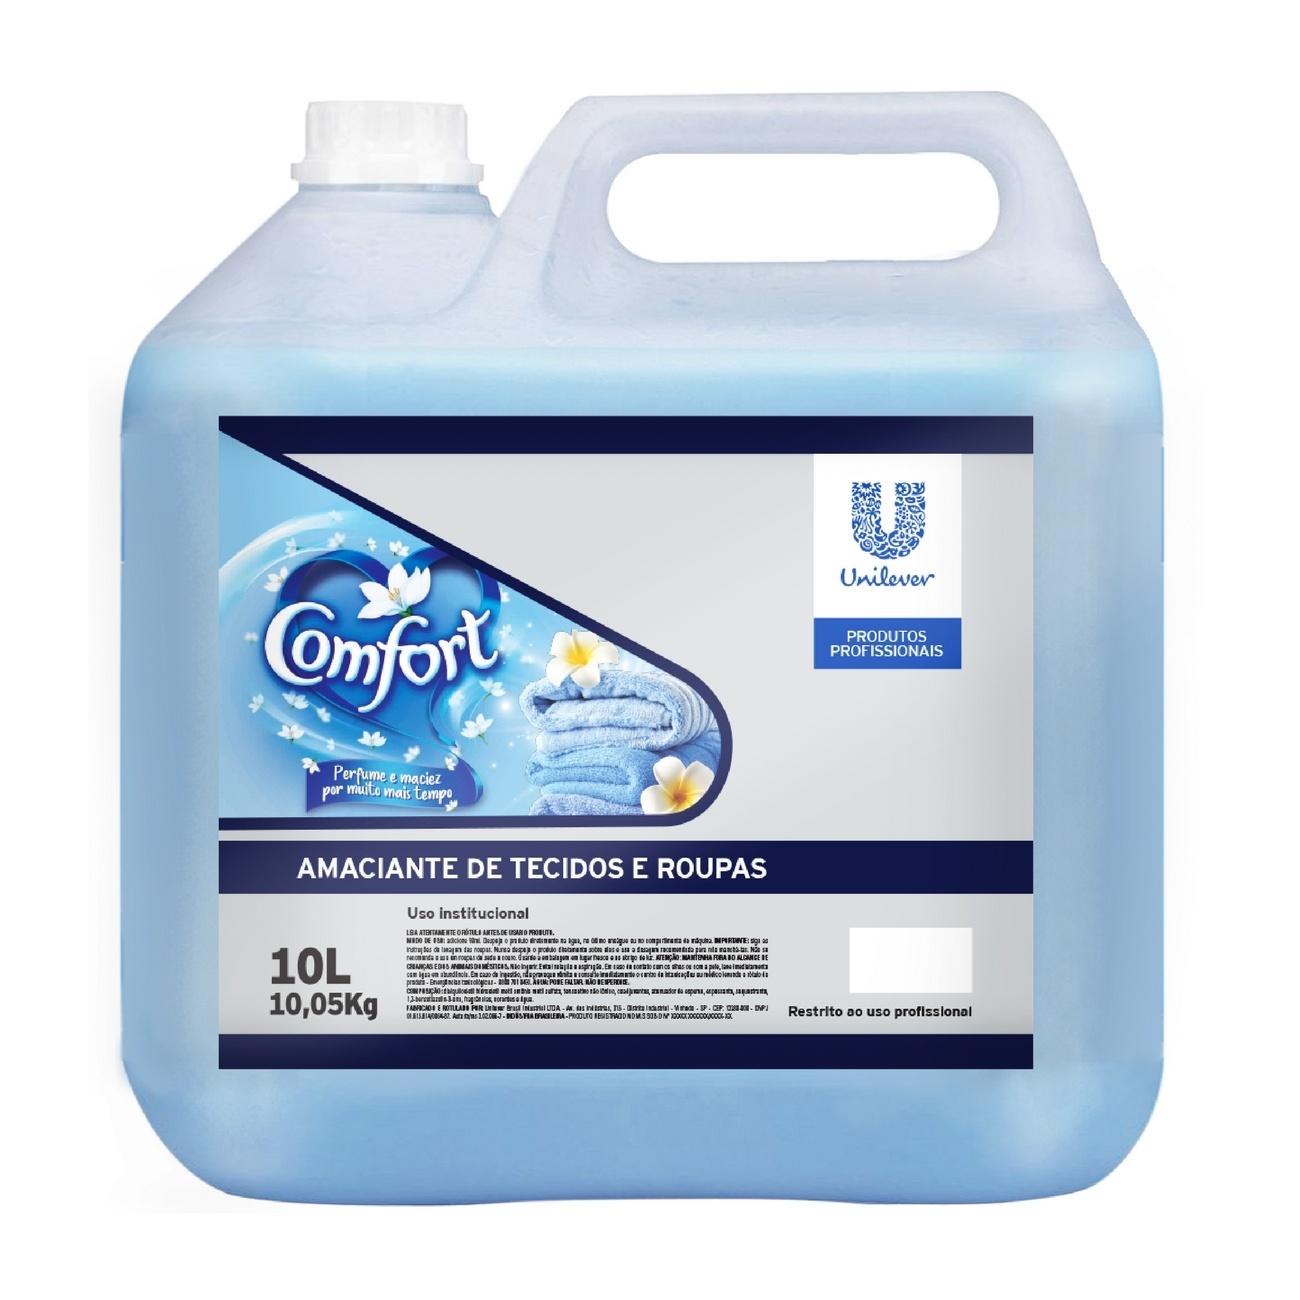 Amaciante Diluído Comfort 10l | Uso Profissional